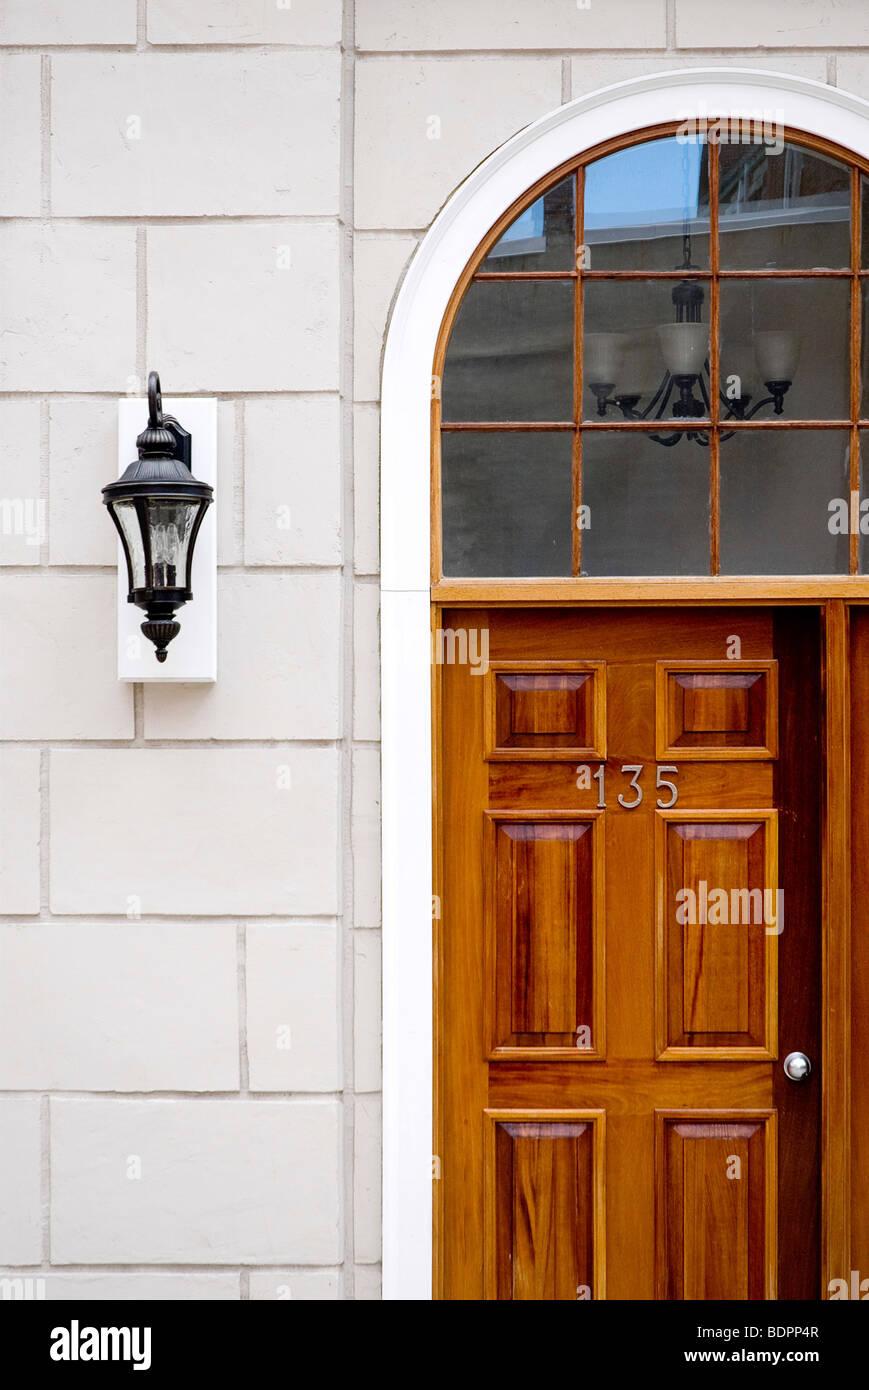 Brilliant Holztür Außen Dekoration Von Eine Verkleidete Holztür Mit Außen Wandleuchte